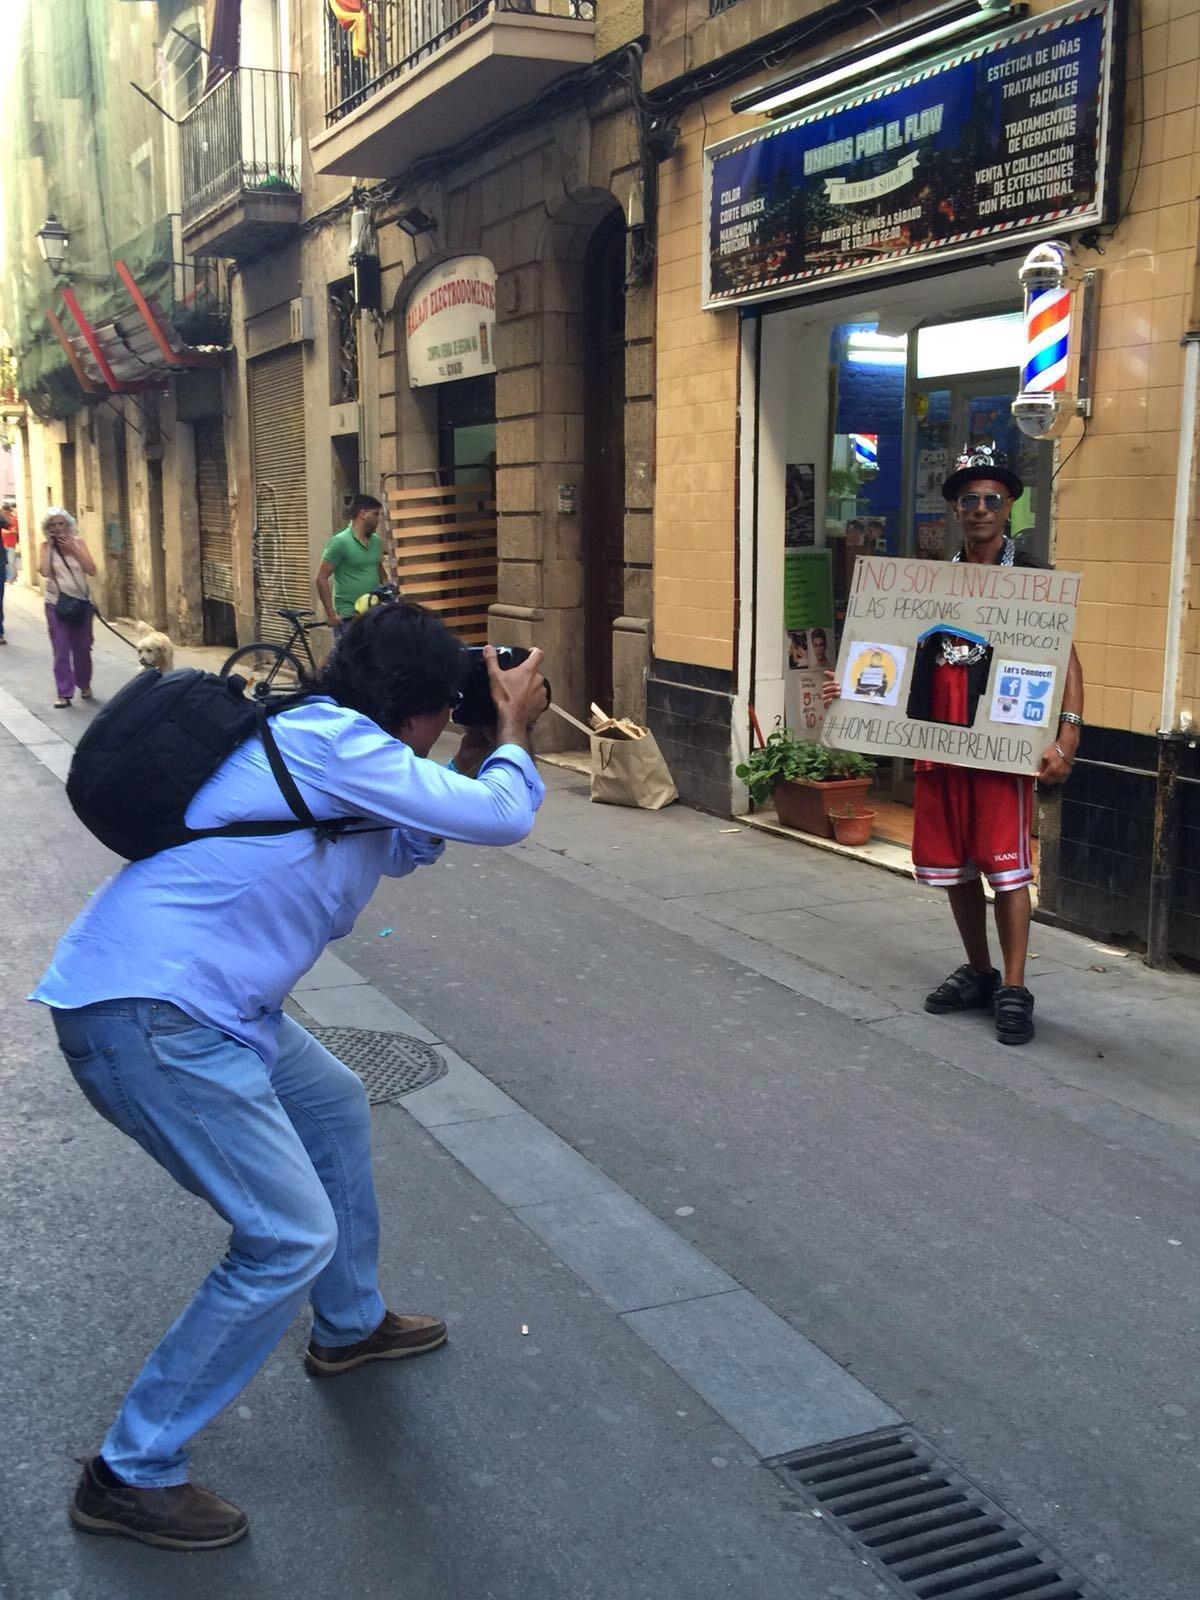 José sacando fotos para dar visibilidad a la problemática del sinhogarismo con las personas sin hogar en #HomelessEntrepreneur.